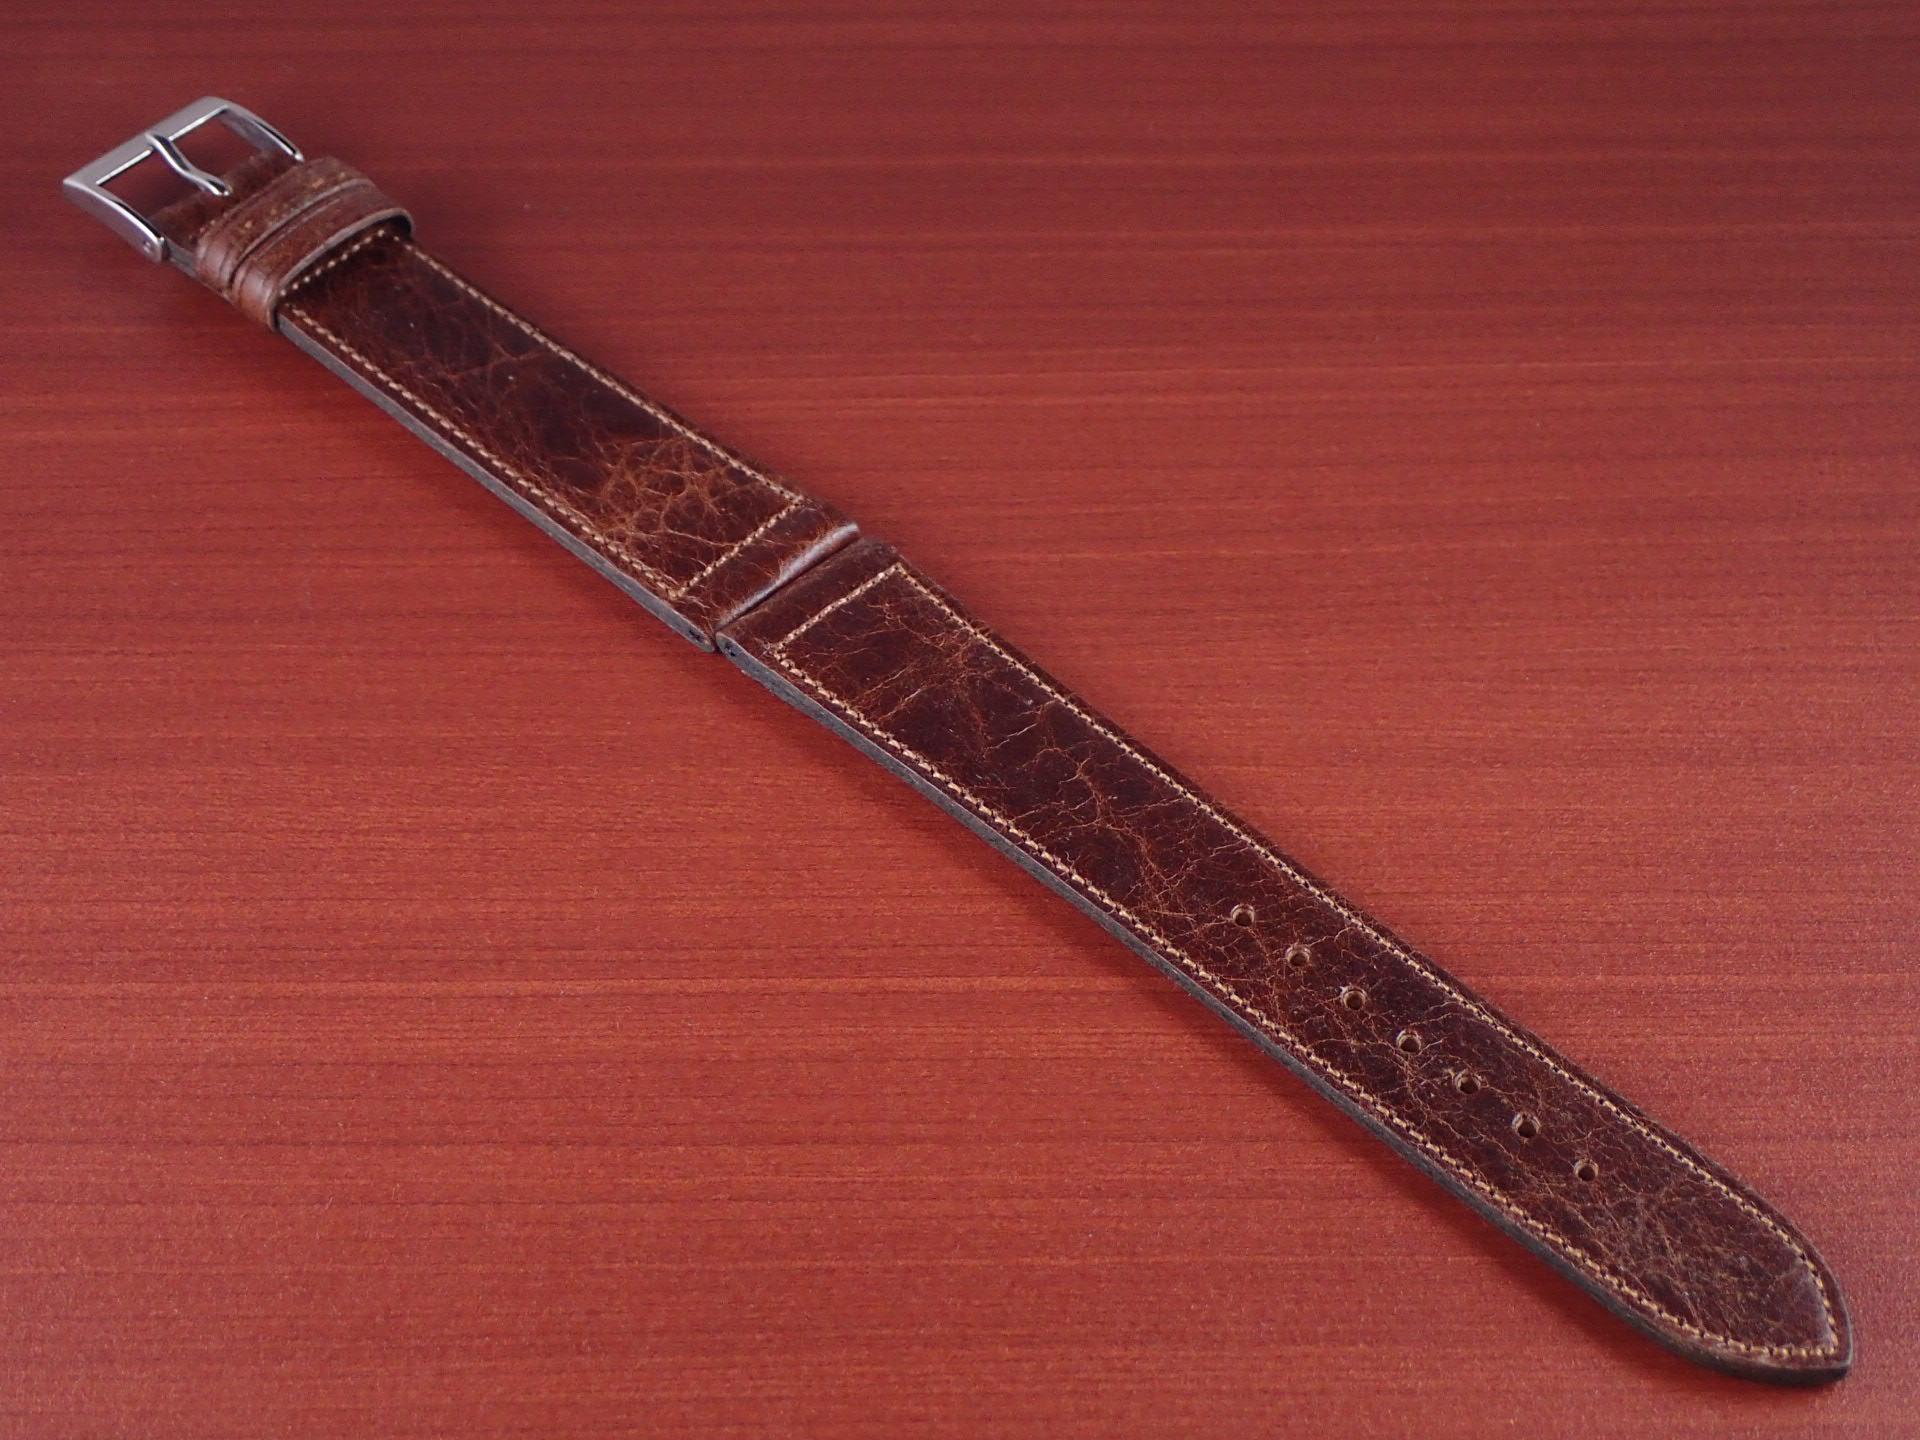 ヴィンテージレザー 牛革ベルト ブラウン 16mmのメイン写真